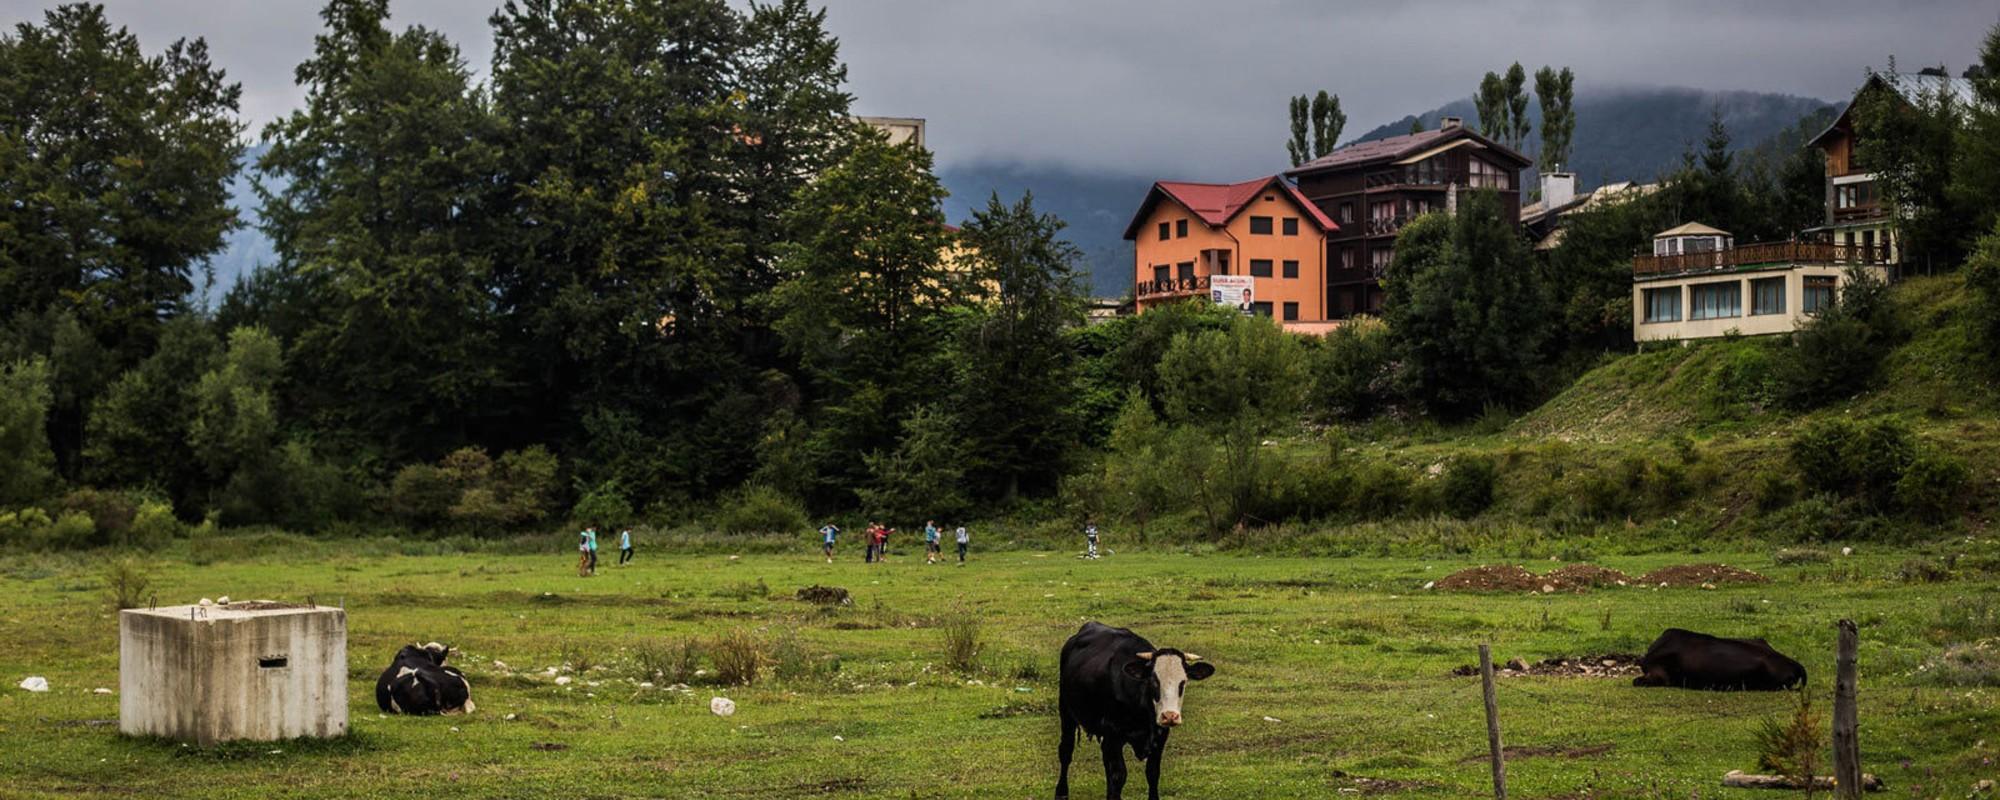 Azuga e mai pustie ca Valea Jiului, deși e pe Valea Prahovei